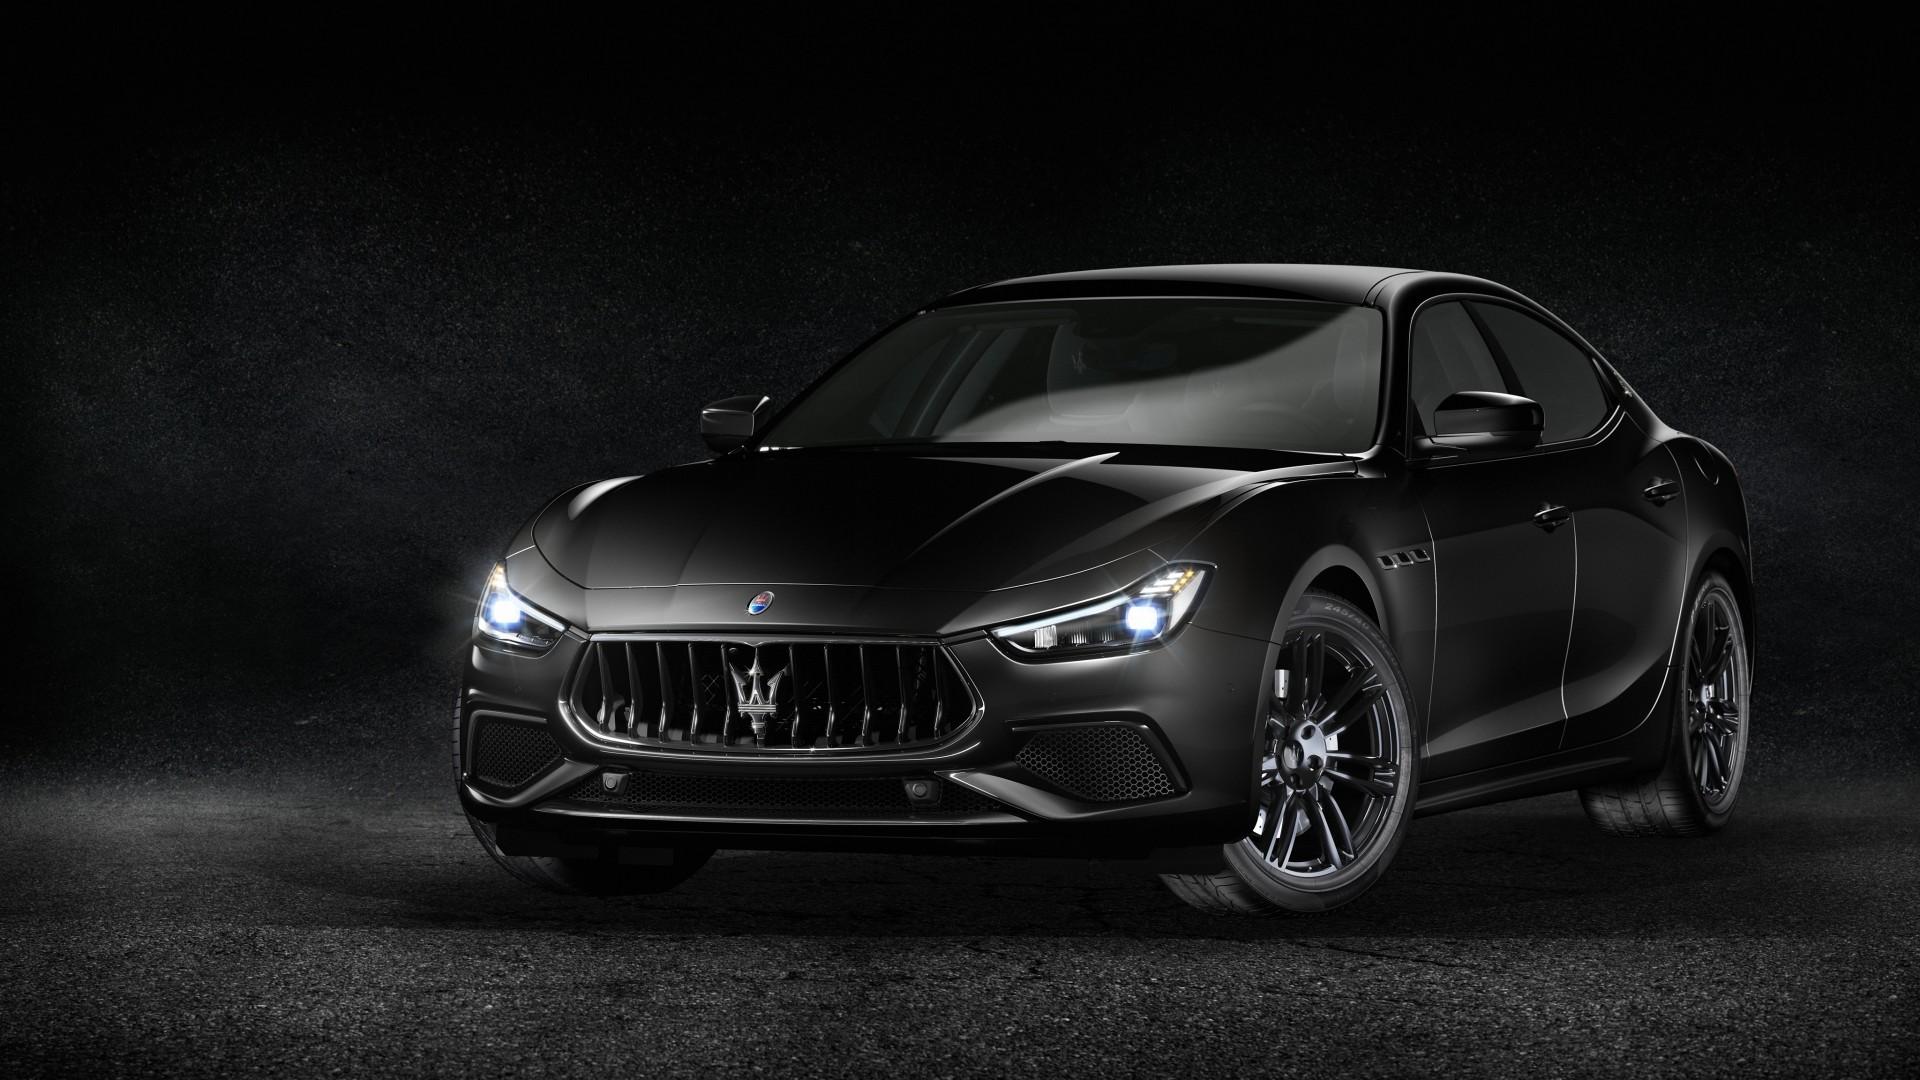 Maserati Ghibli Q4 >> 2018 Maserati Ghibli S Q4 Nerissimo 4K Wallpaper | HD Car Wallpapers | ID #9792